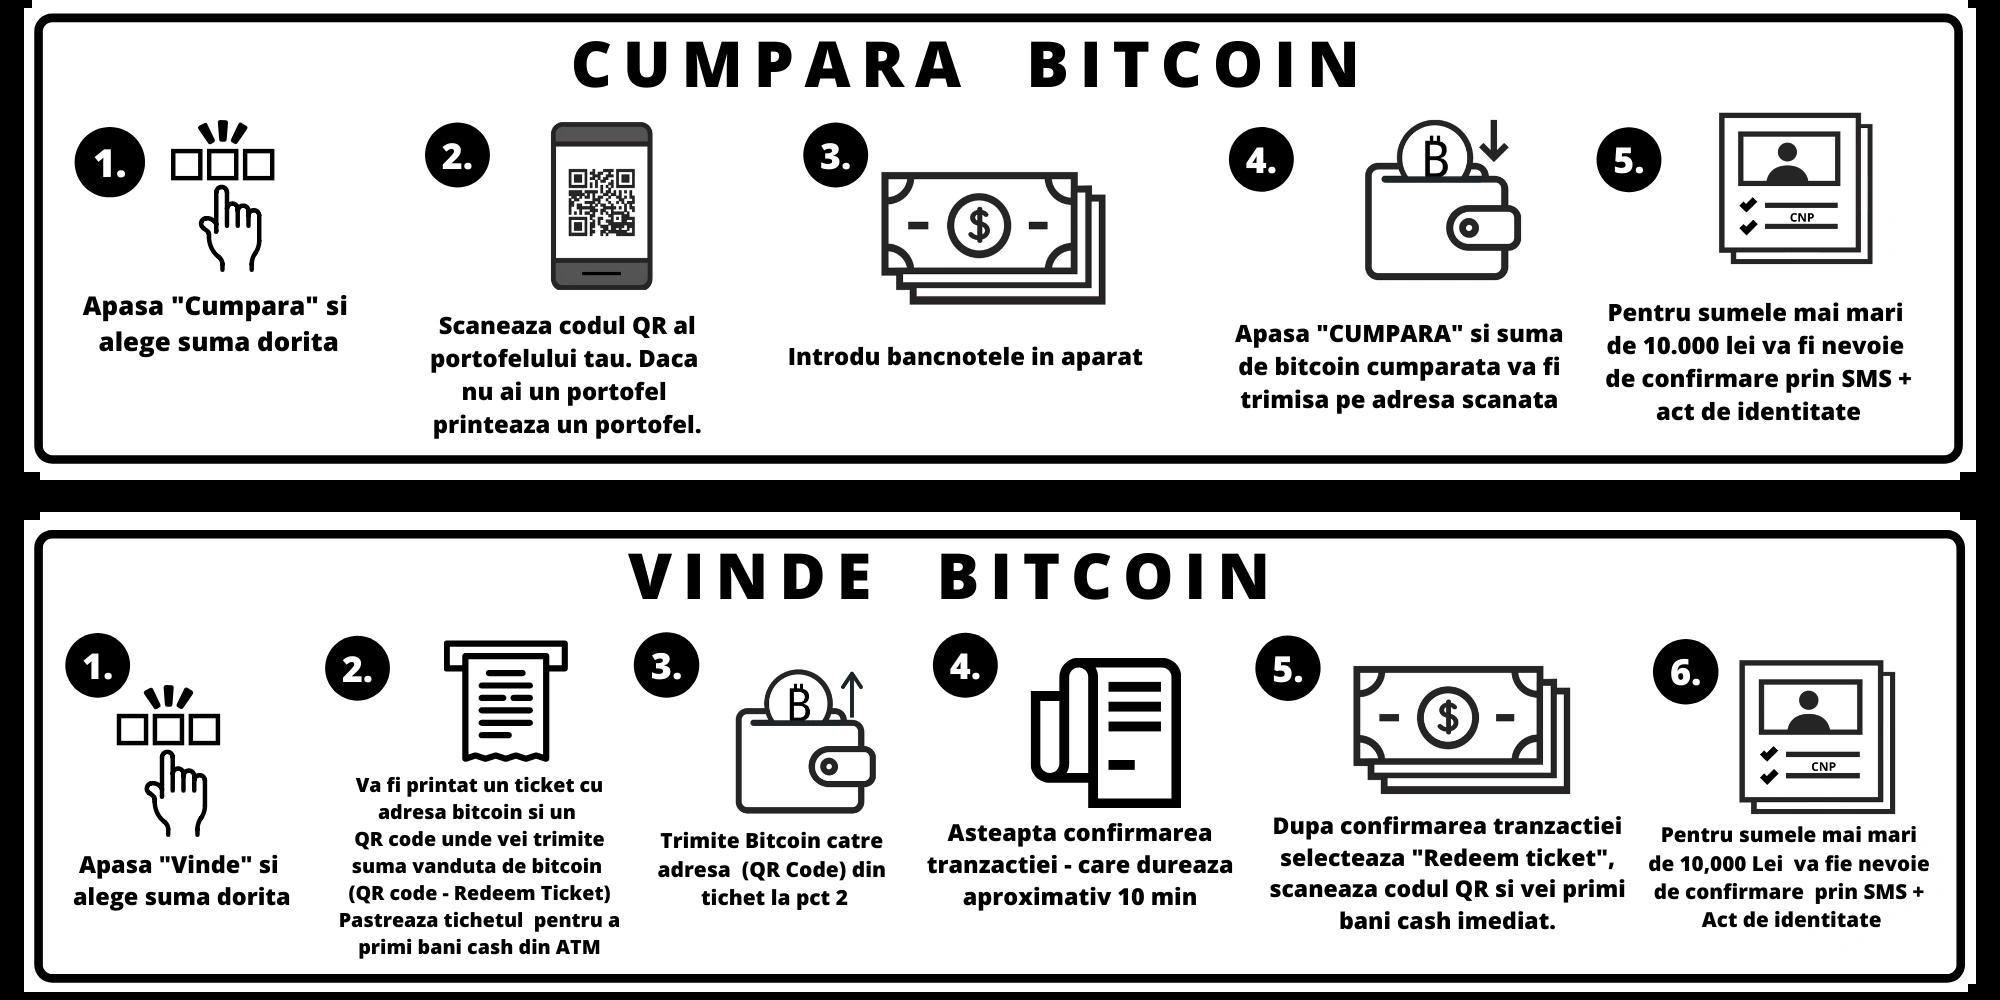 bitcoin trading când să cumpere și să vândă)